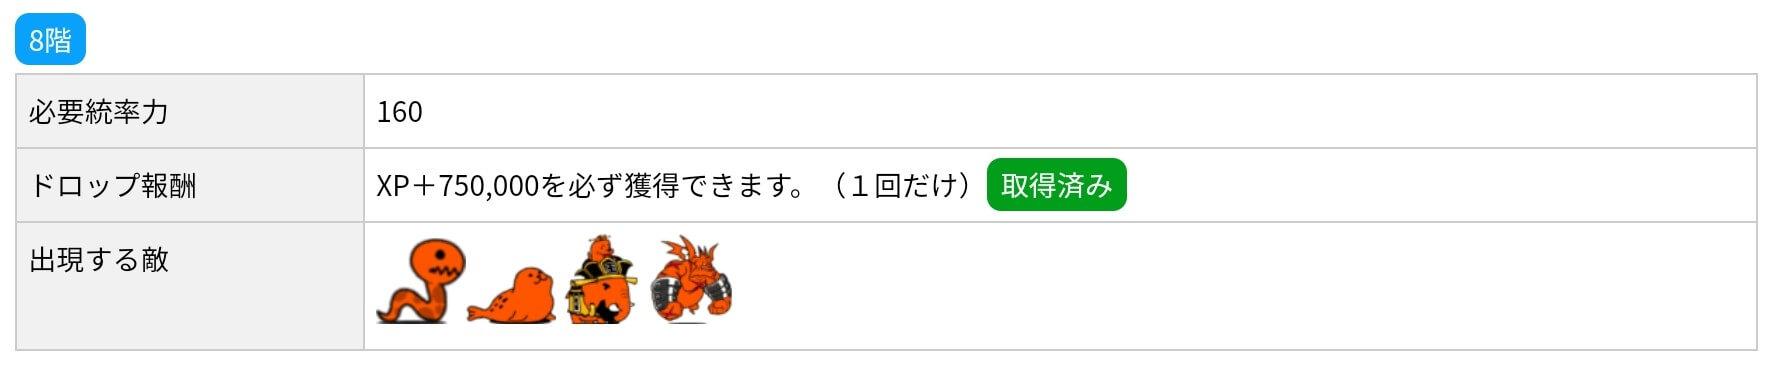 にゃんこ別塔(赤)8階 敵編成